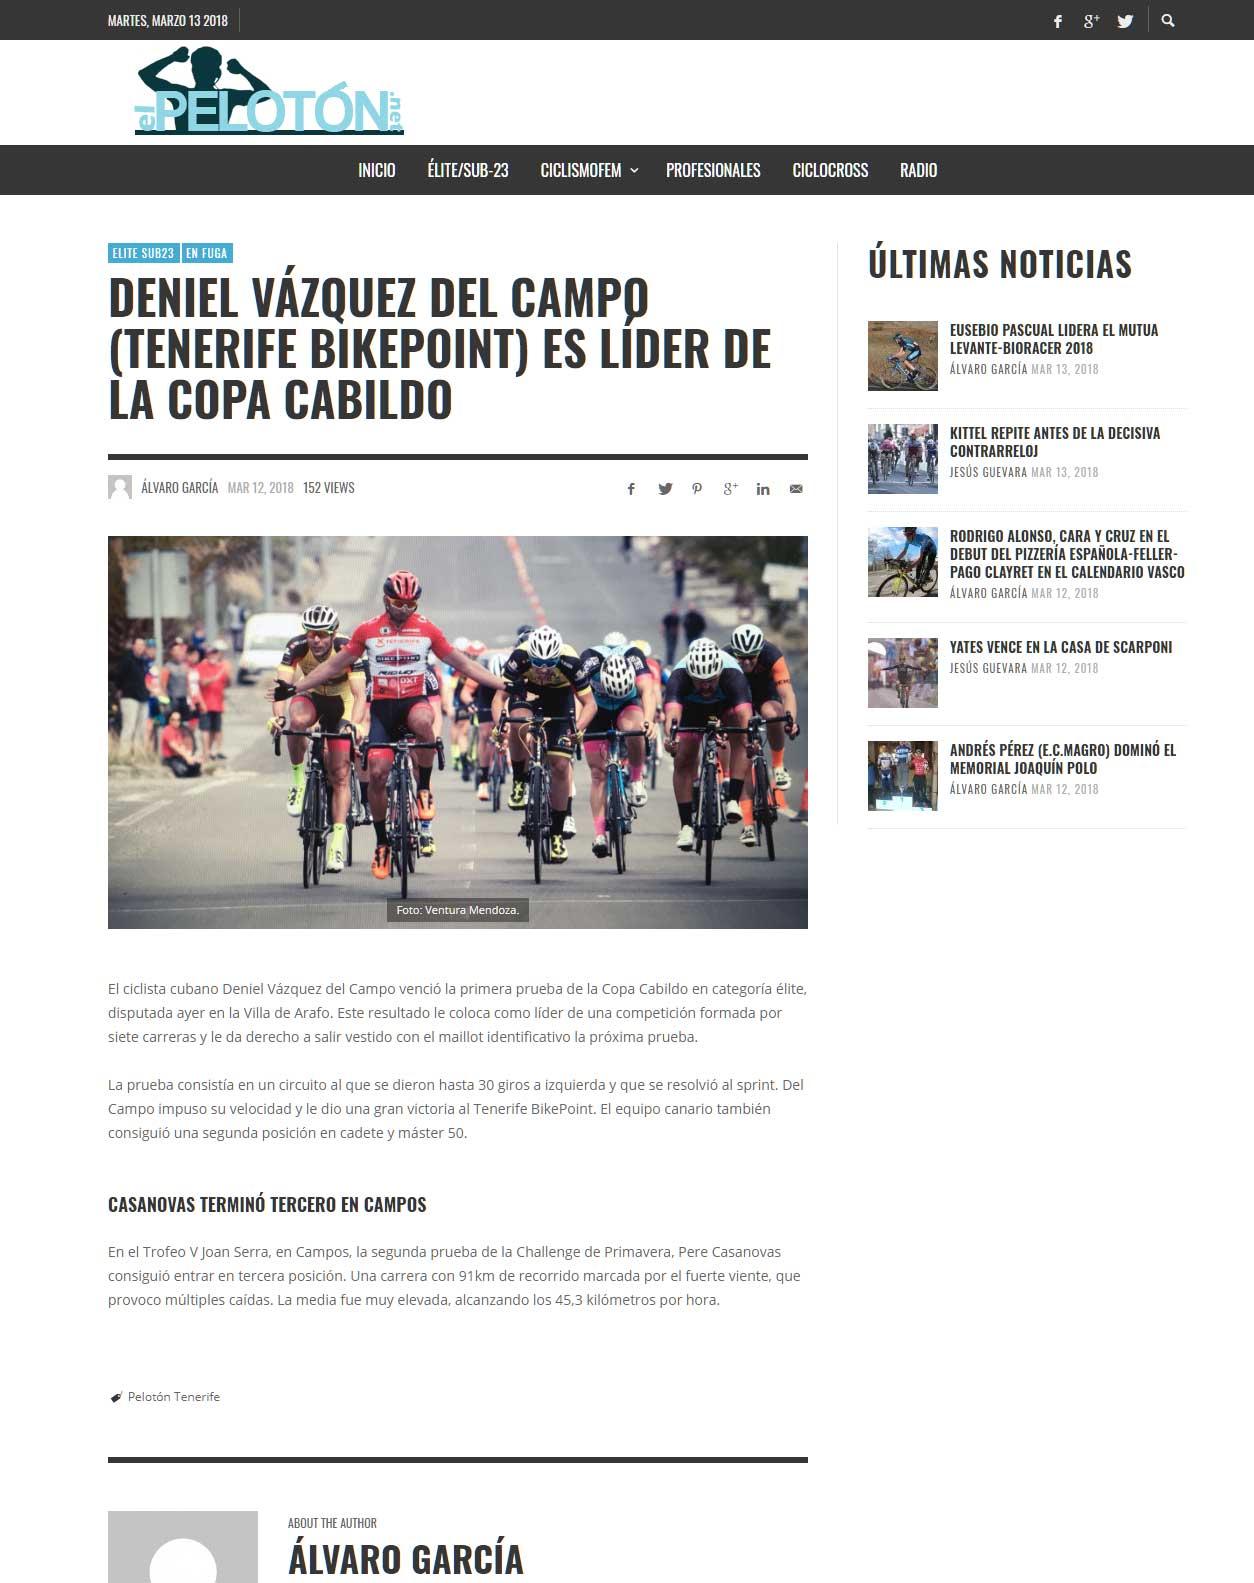 Deniel Vázquez Del Campo (tenerife Bikepoint) Es Líder De La Copa Cabildo